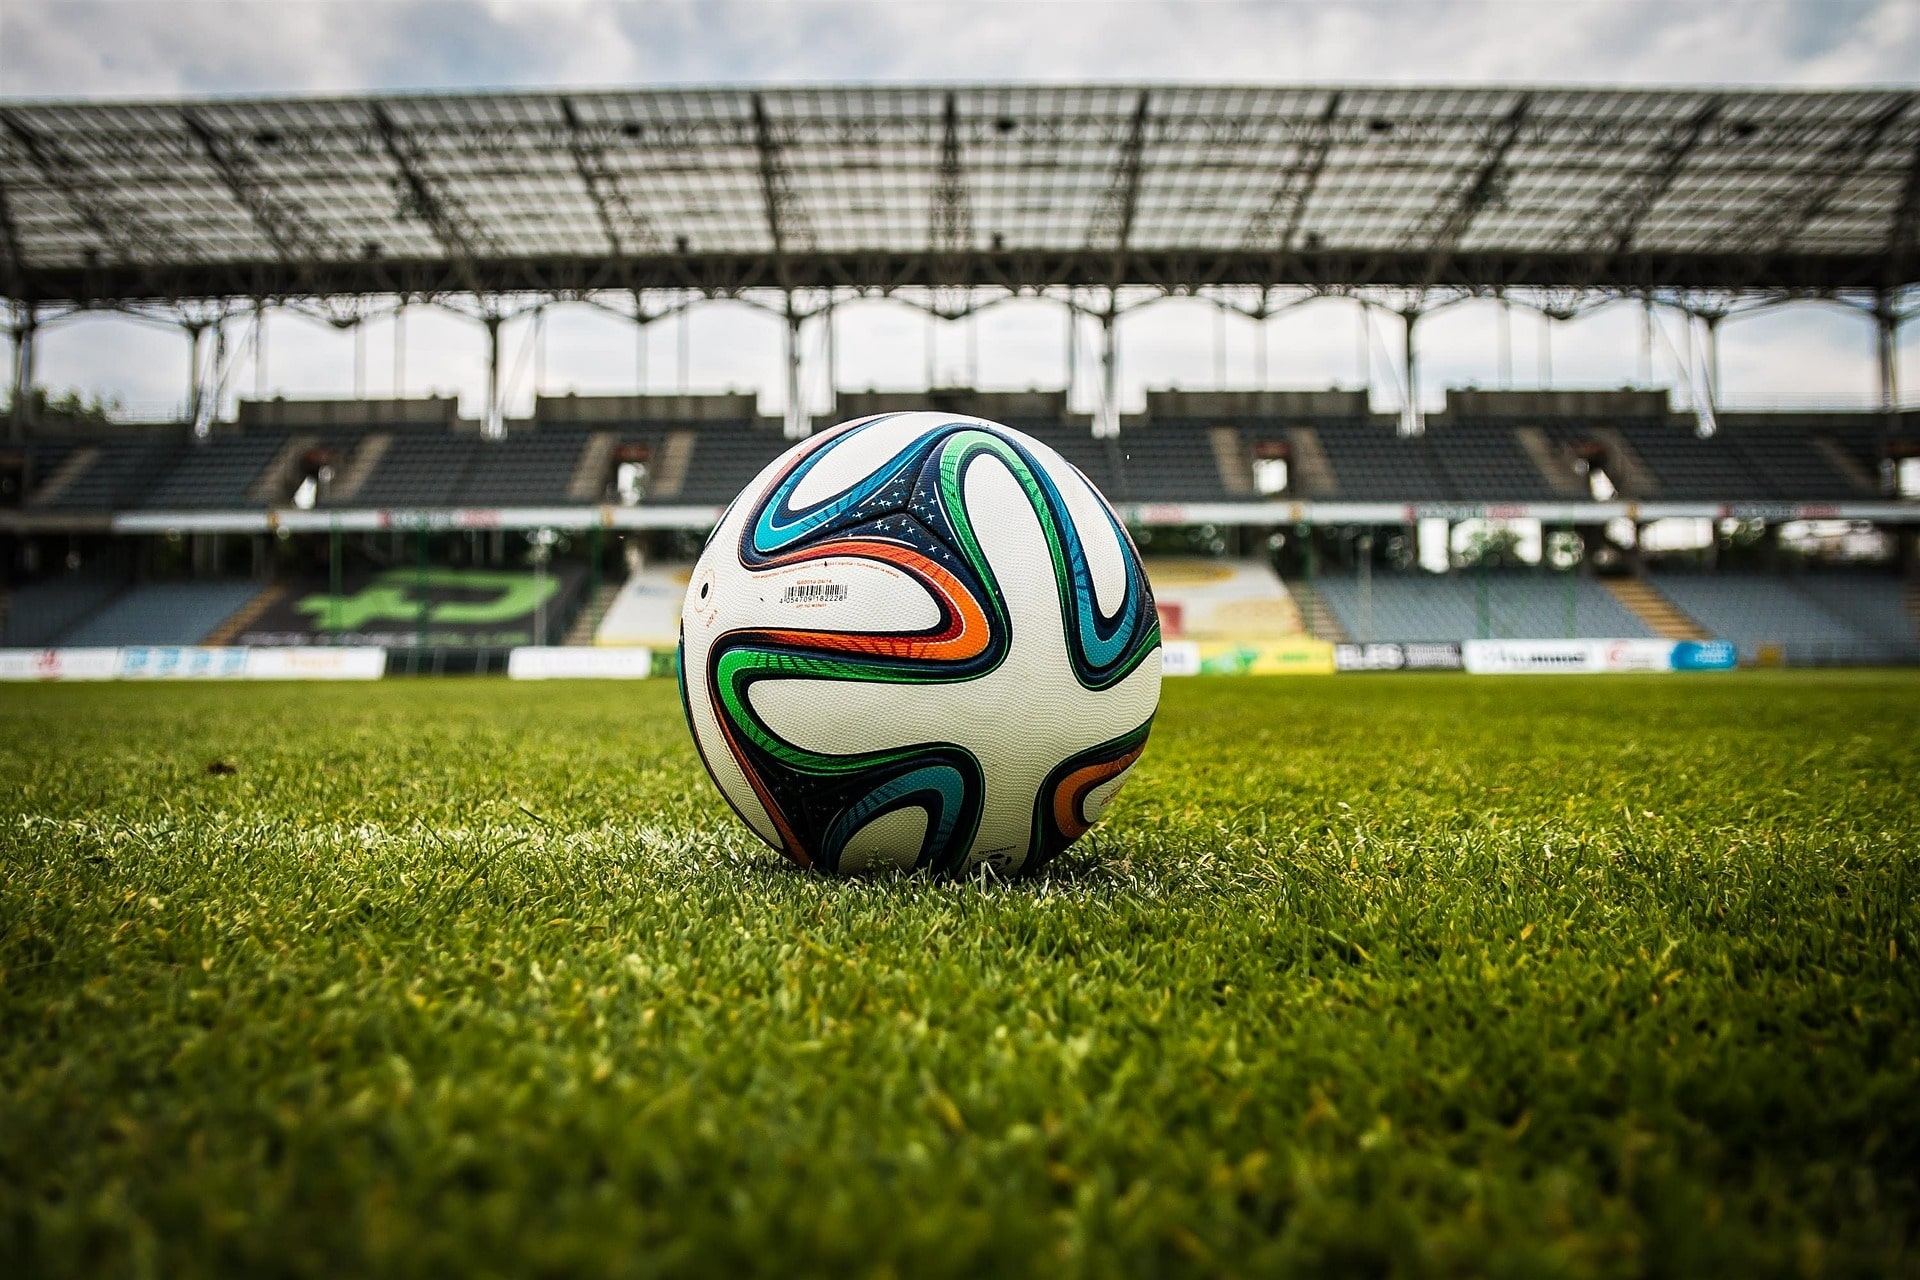 superlega europea squadre partecipanti